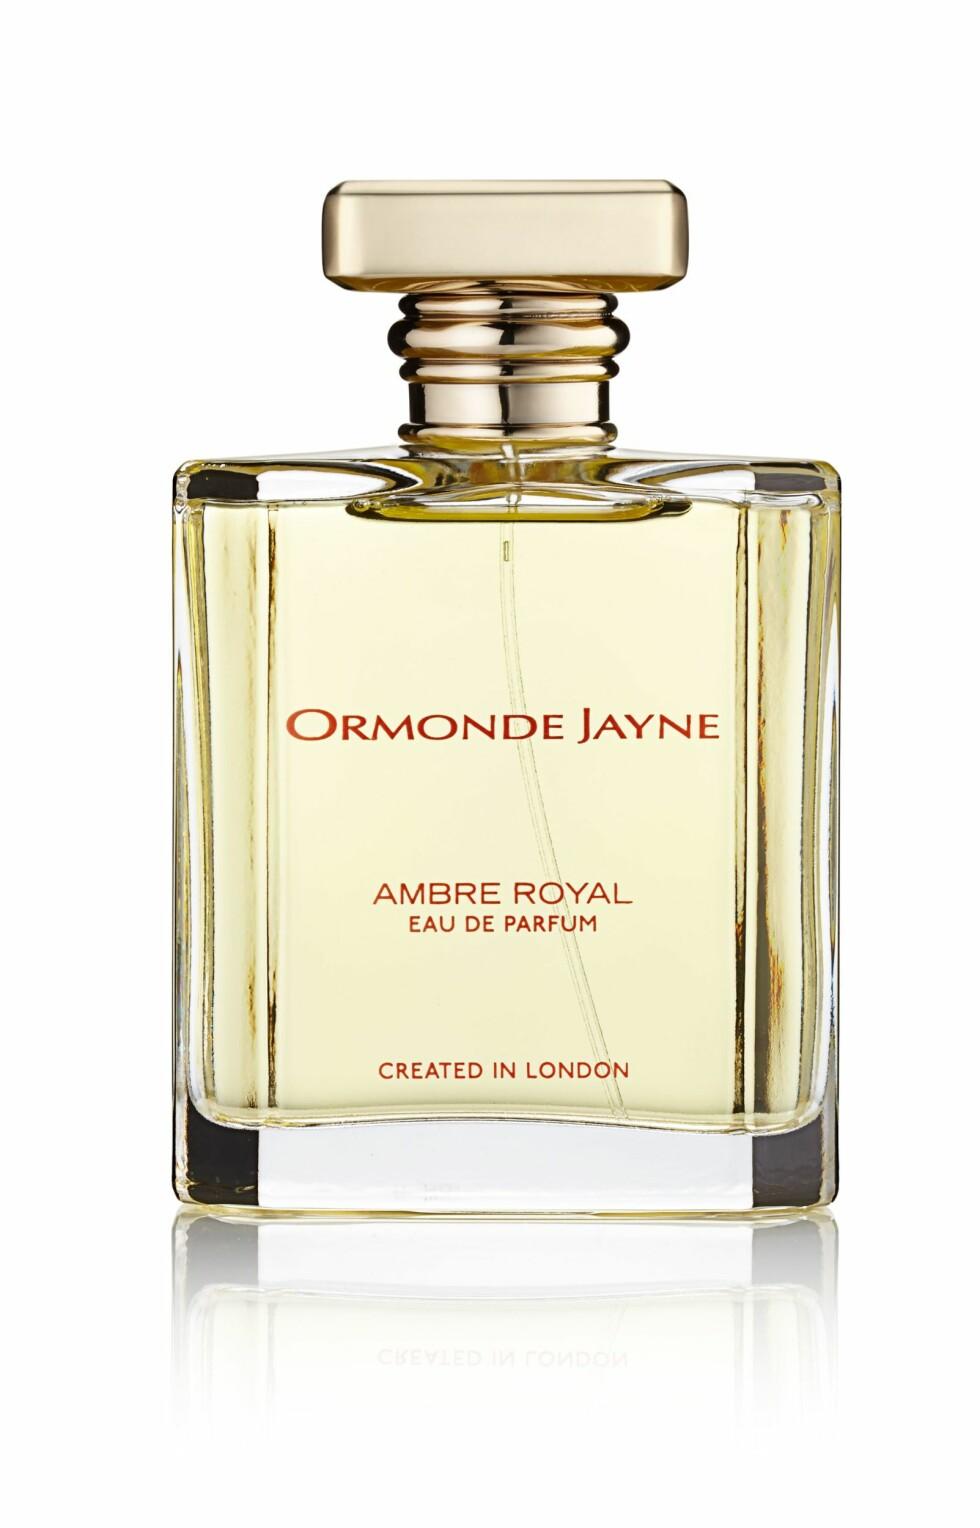 En lett amber som går helt bort fra den klassiske duftillusjonen av en amber (kr 2400, Ormonde Jayne, Ambre Royale).